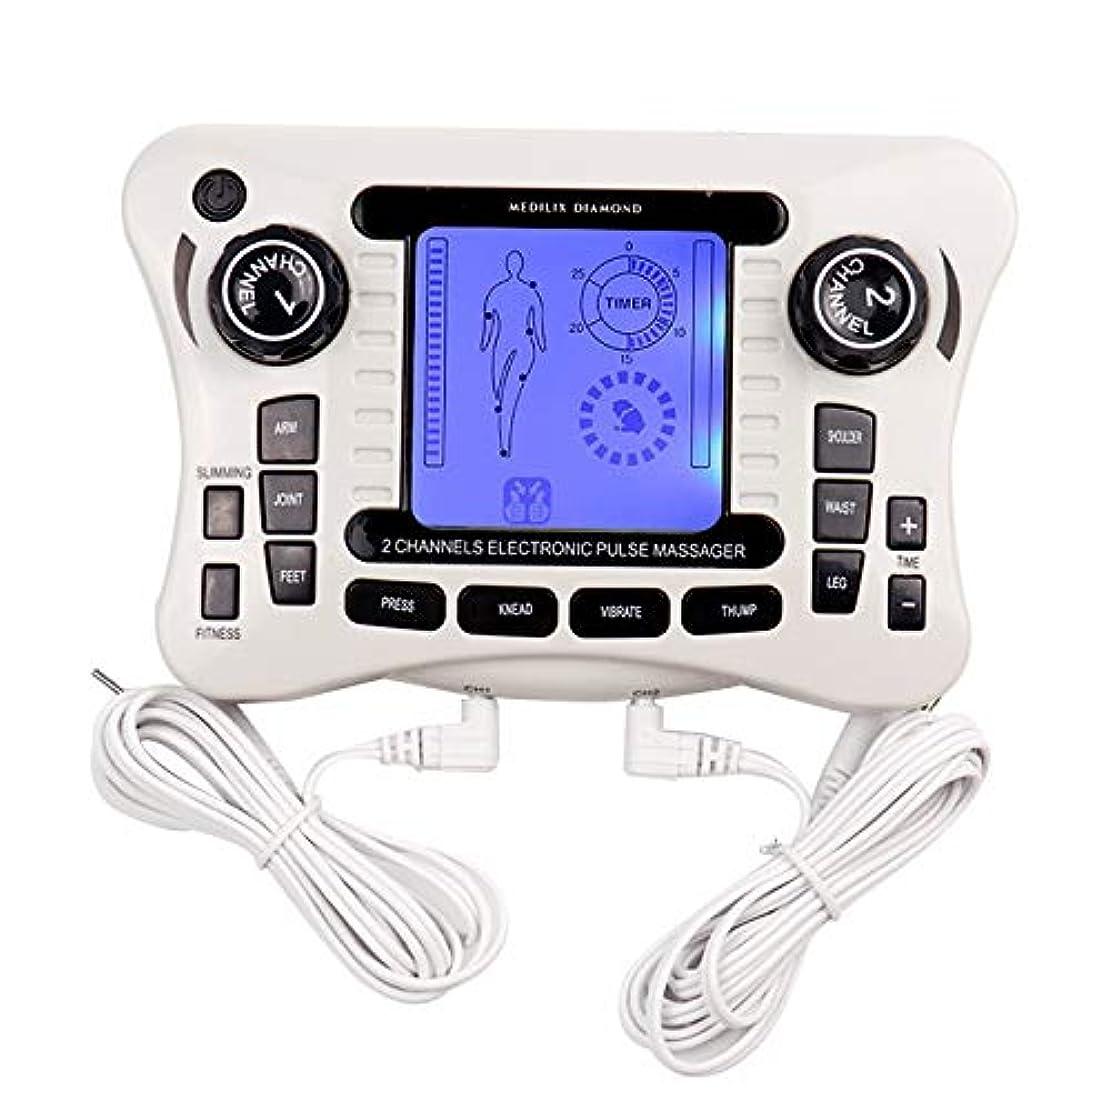 準備名前を作るシーズン電子パルスマッサージャー/十emsトレーナーボディマッサージャー筋肉刺激装置バックボディネックマッサージデュアルチャンネル療法機